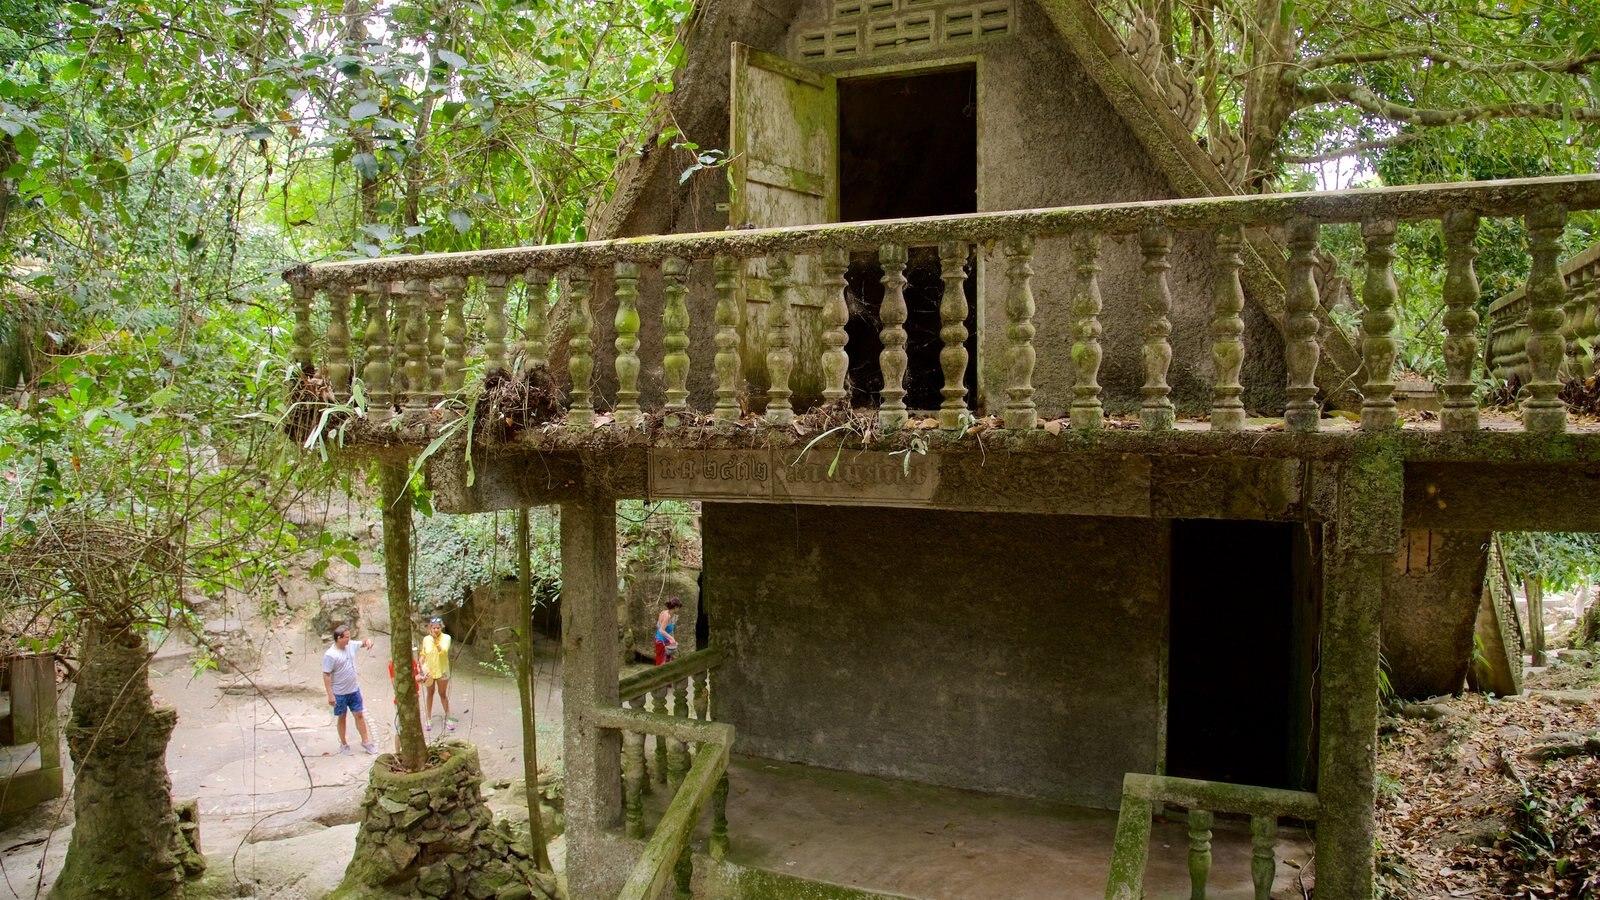 secret buddha garden featuring a park and building ruins - Buddha Garden